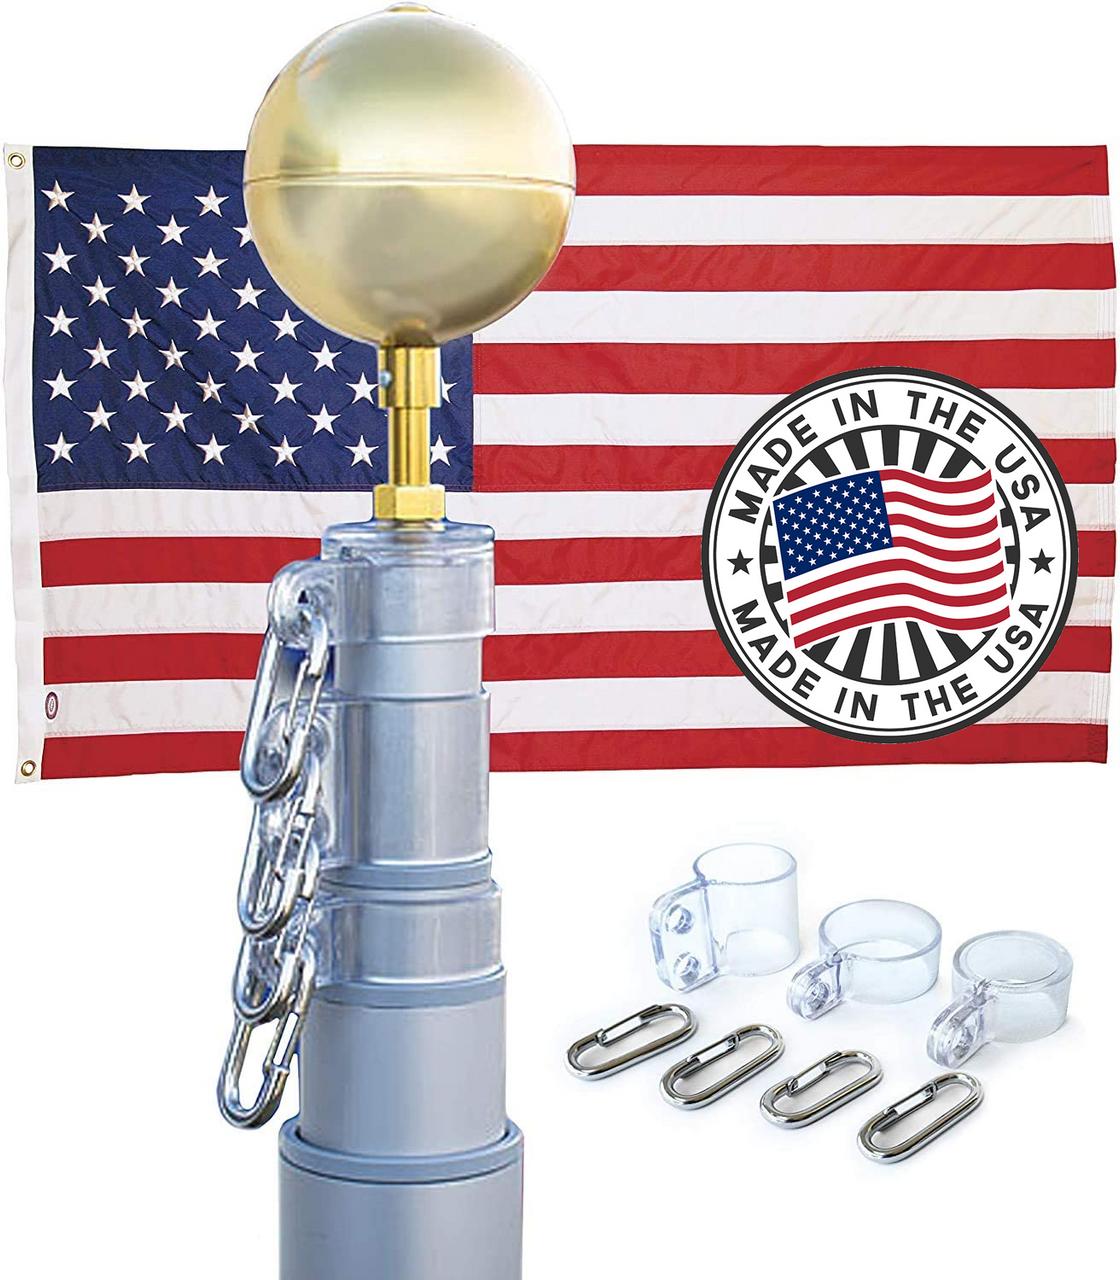 25' American Elite Telescoping Pole